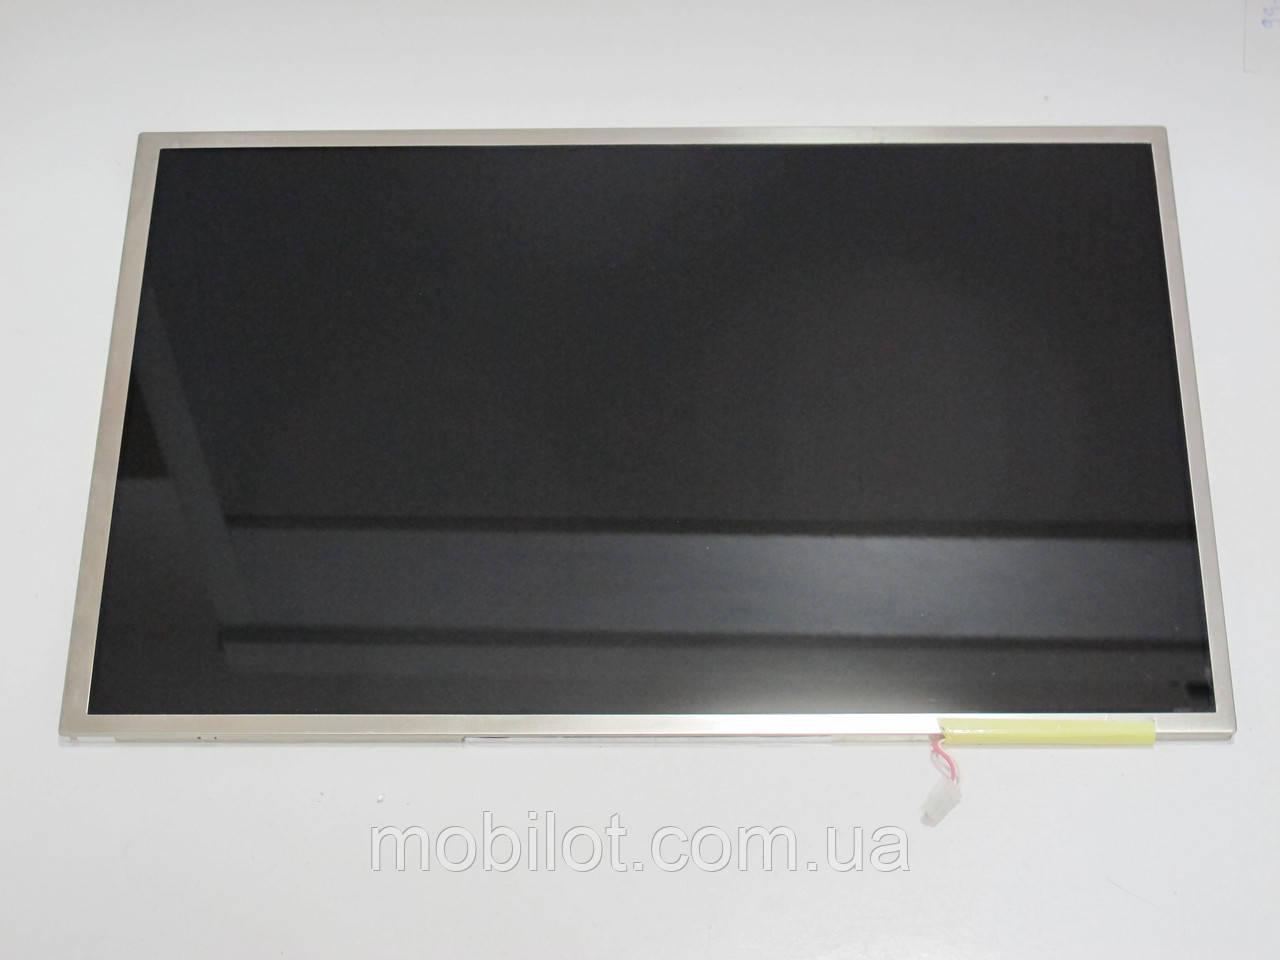 Экран (матрица) 14.1 Lamp (NZ-628)